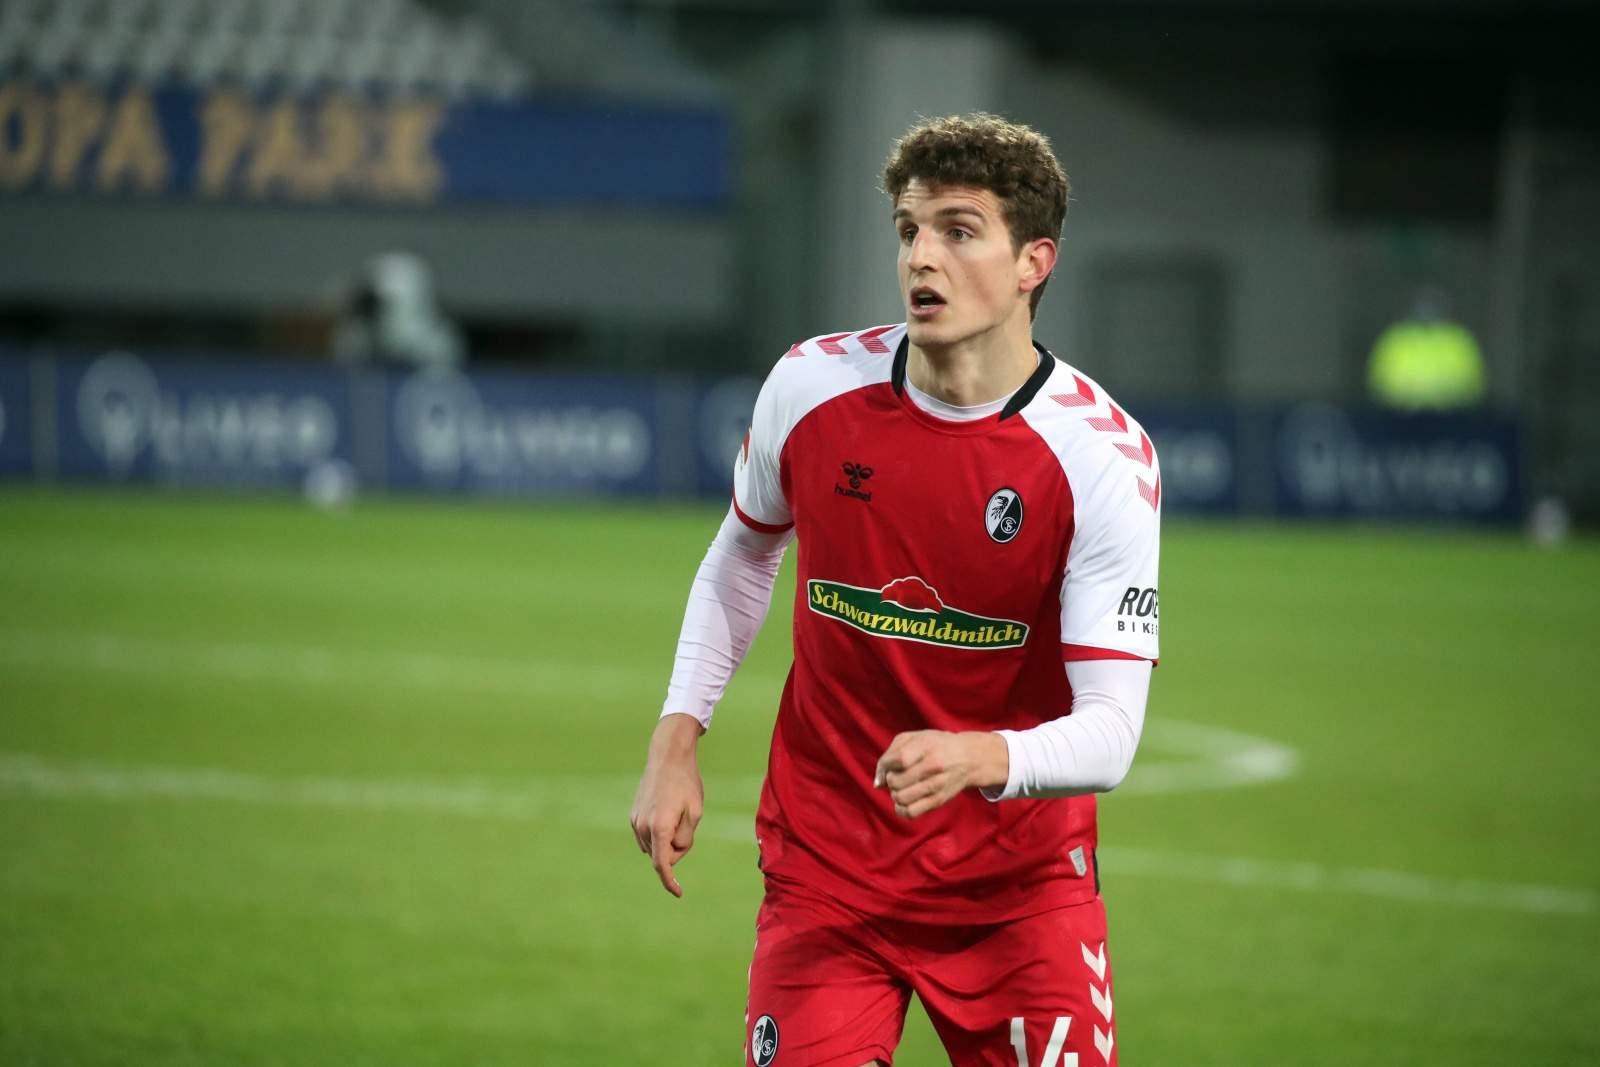 Принадлежащий «Спартаку» Тиль признан лучшим игроком месяца в чемпионате Голландии